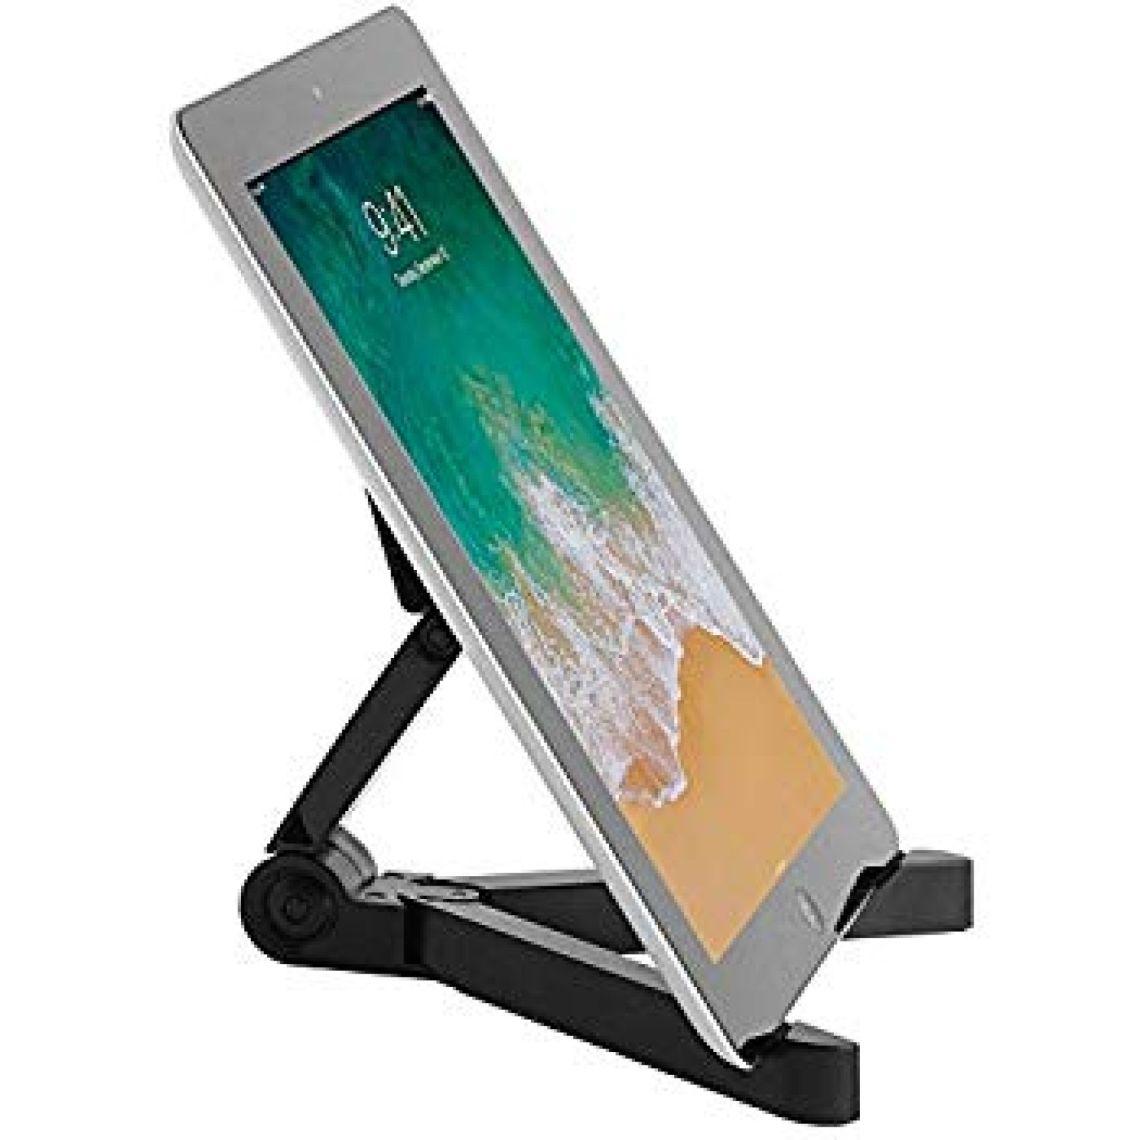 Amazon.com: HOBFU Adjustable Tablet Stand for iPad: Electronics